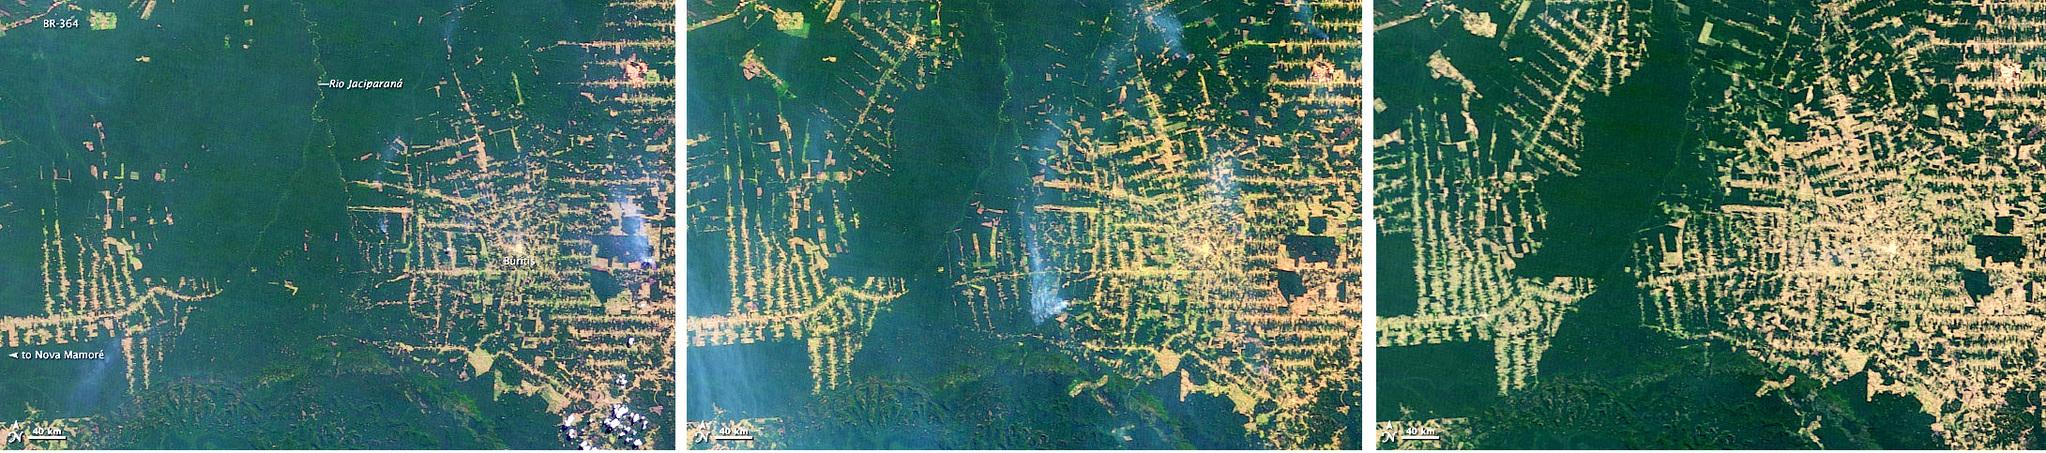 '지구의 허파 '인 아마존 열대우림의 파괴를 보여주는 위성 사진 [중앙포토]